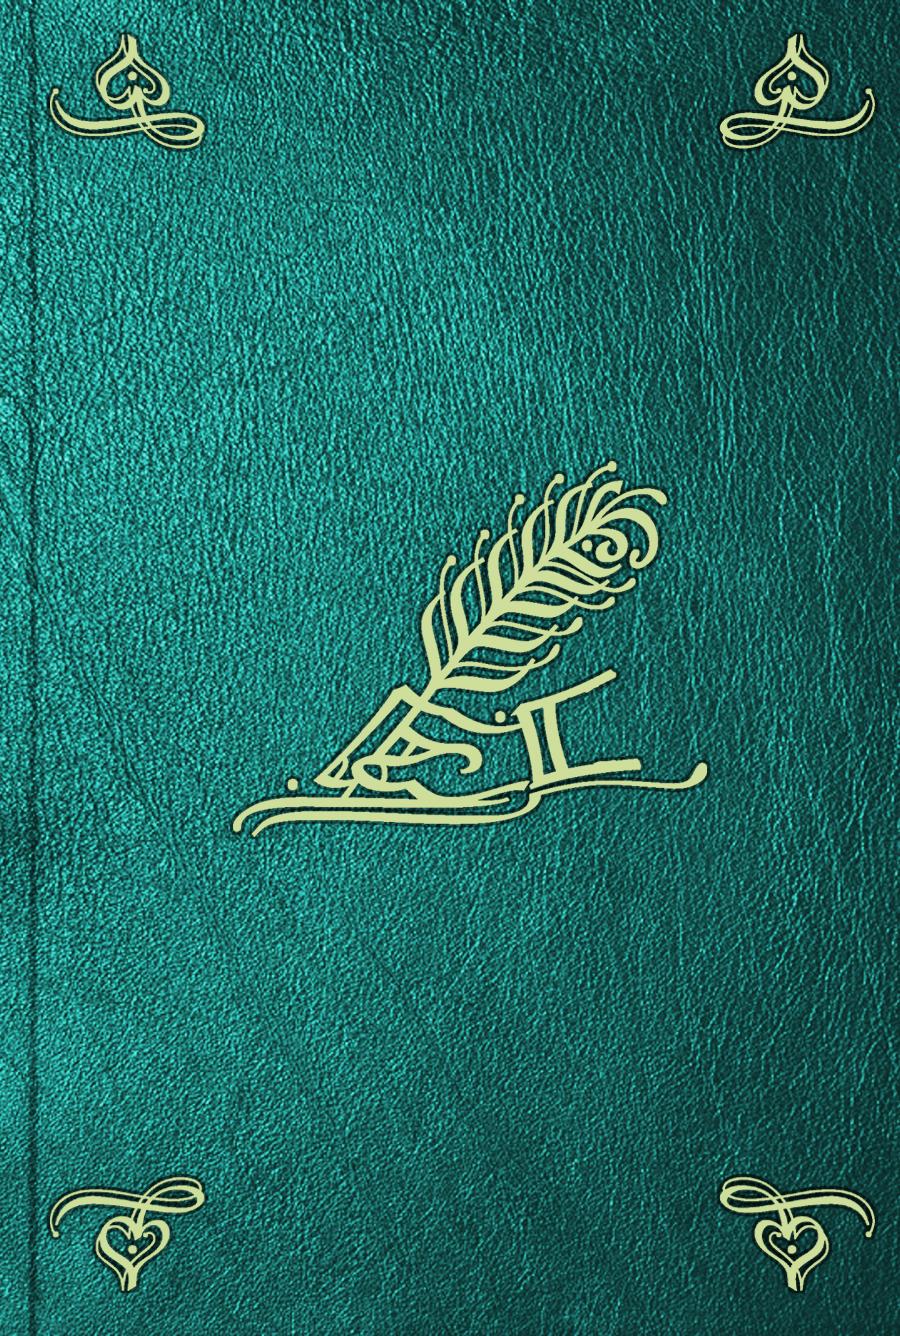 Pierre Nicolas Chantreau Voyage dans les trois royaumes d'Angleterre, d'Ecosse et d'Irlande. T. 1 trois contes page 1